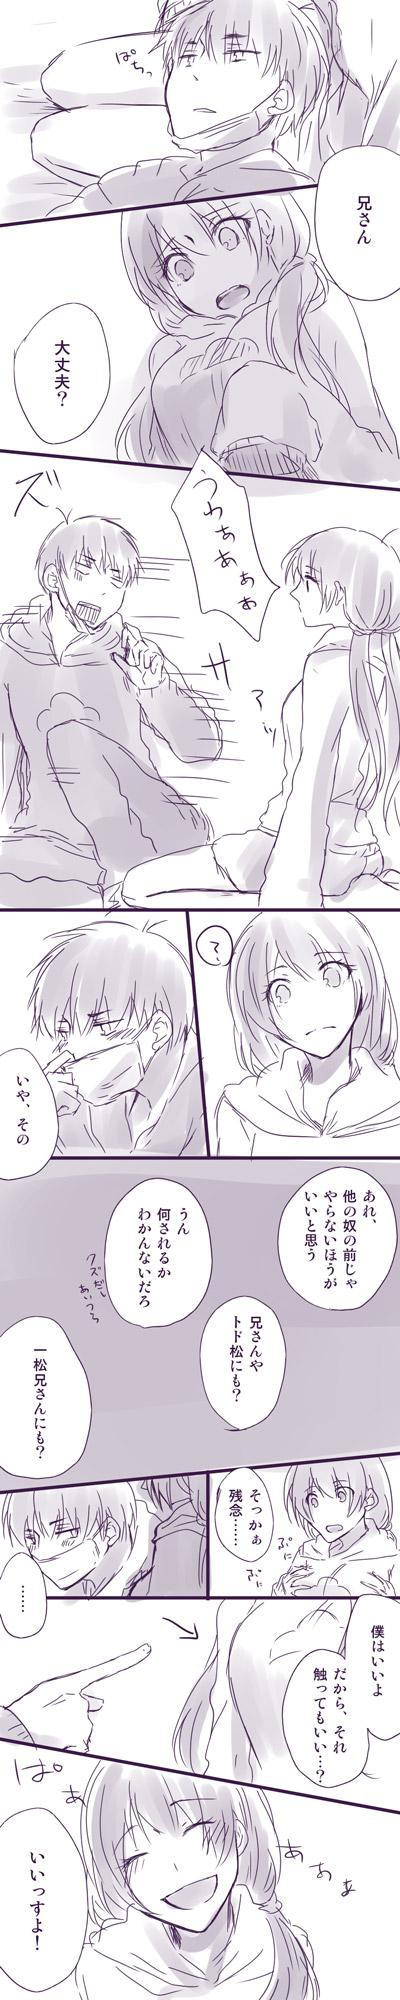 [Souko] Ichimatsu Nii-san to Juushimatsu-chan ♀ (Osomatsu-san) 1